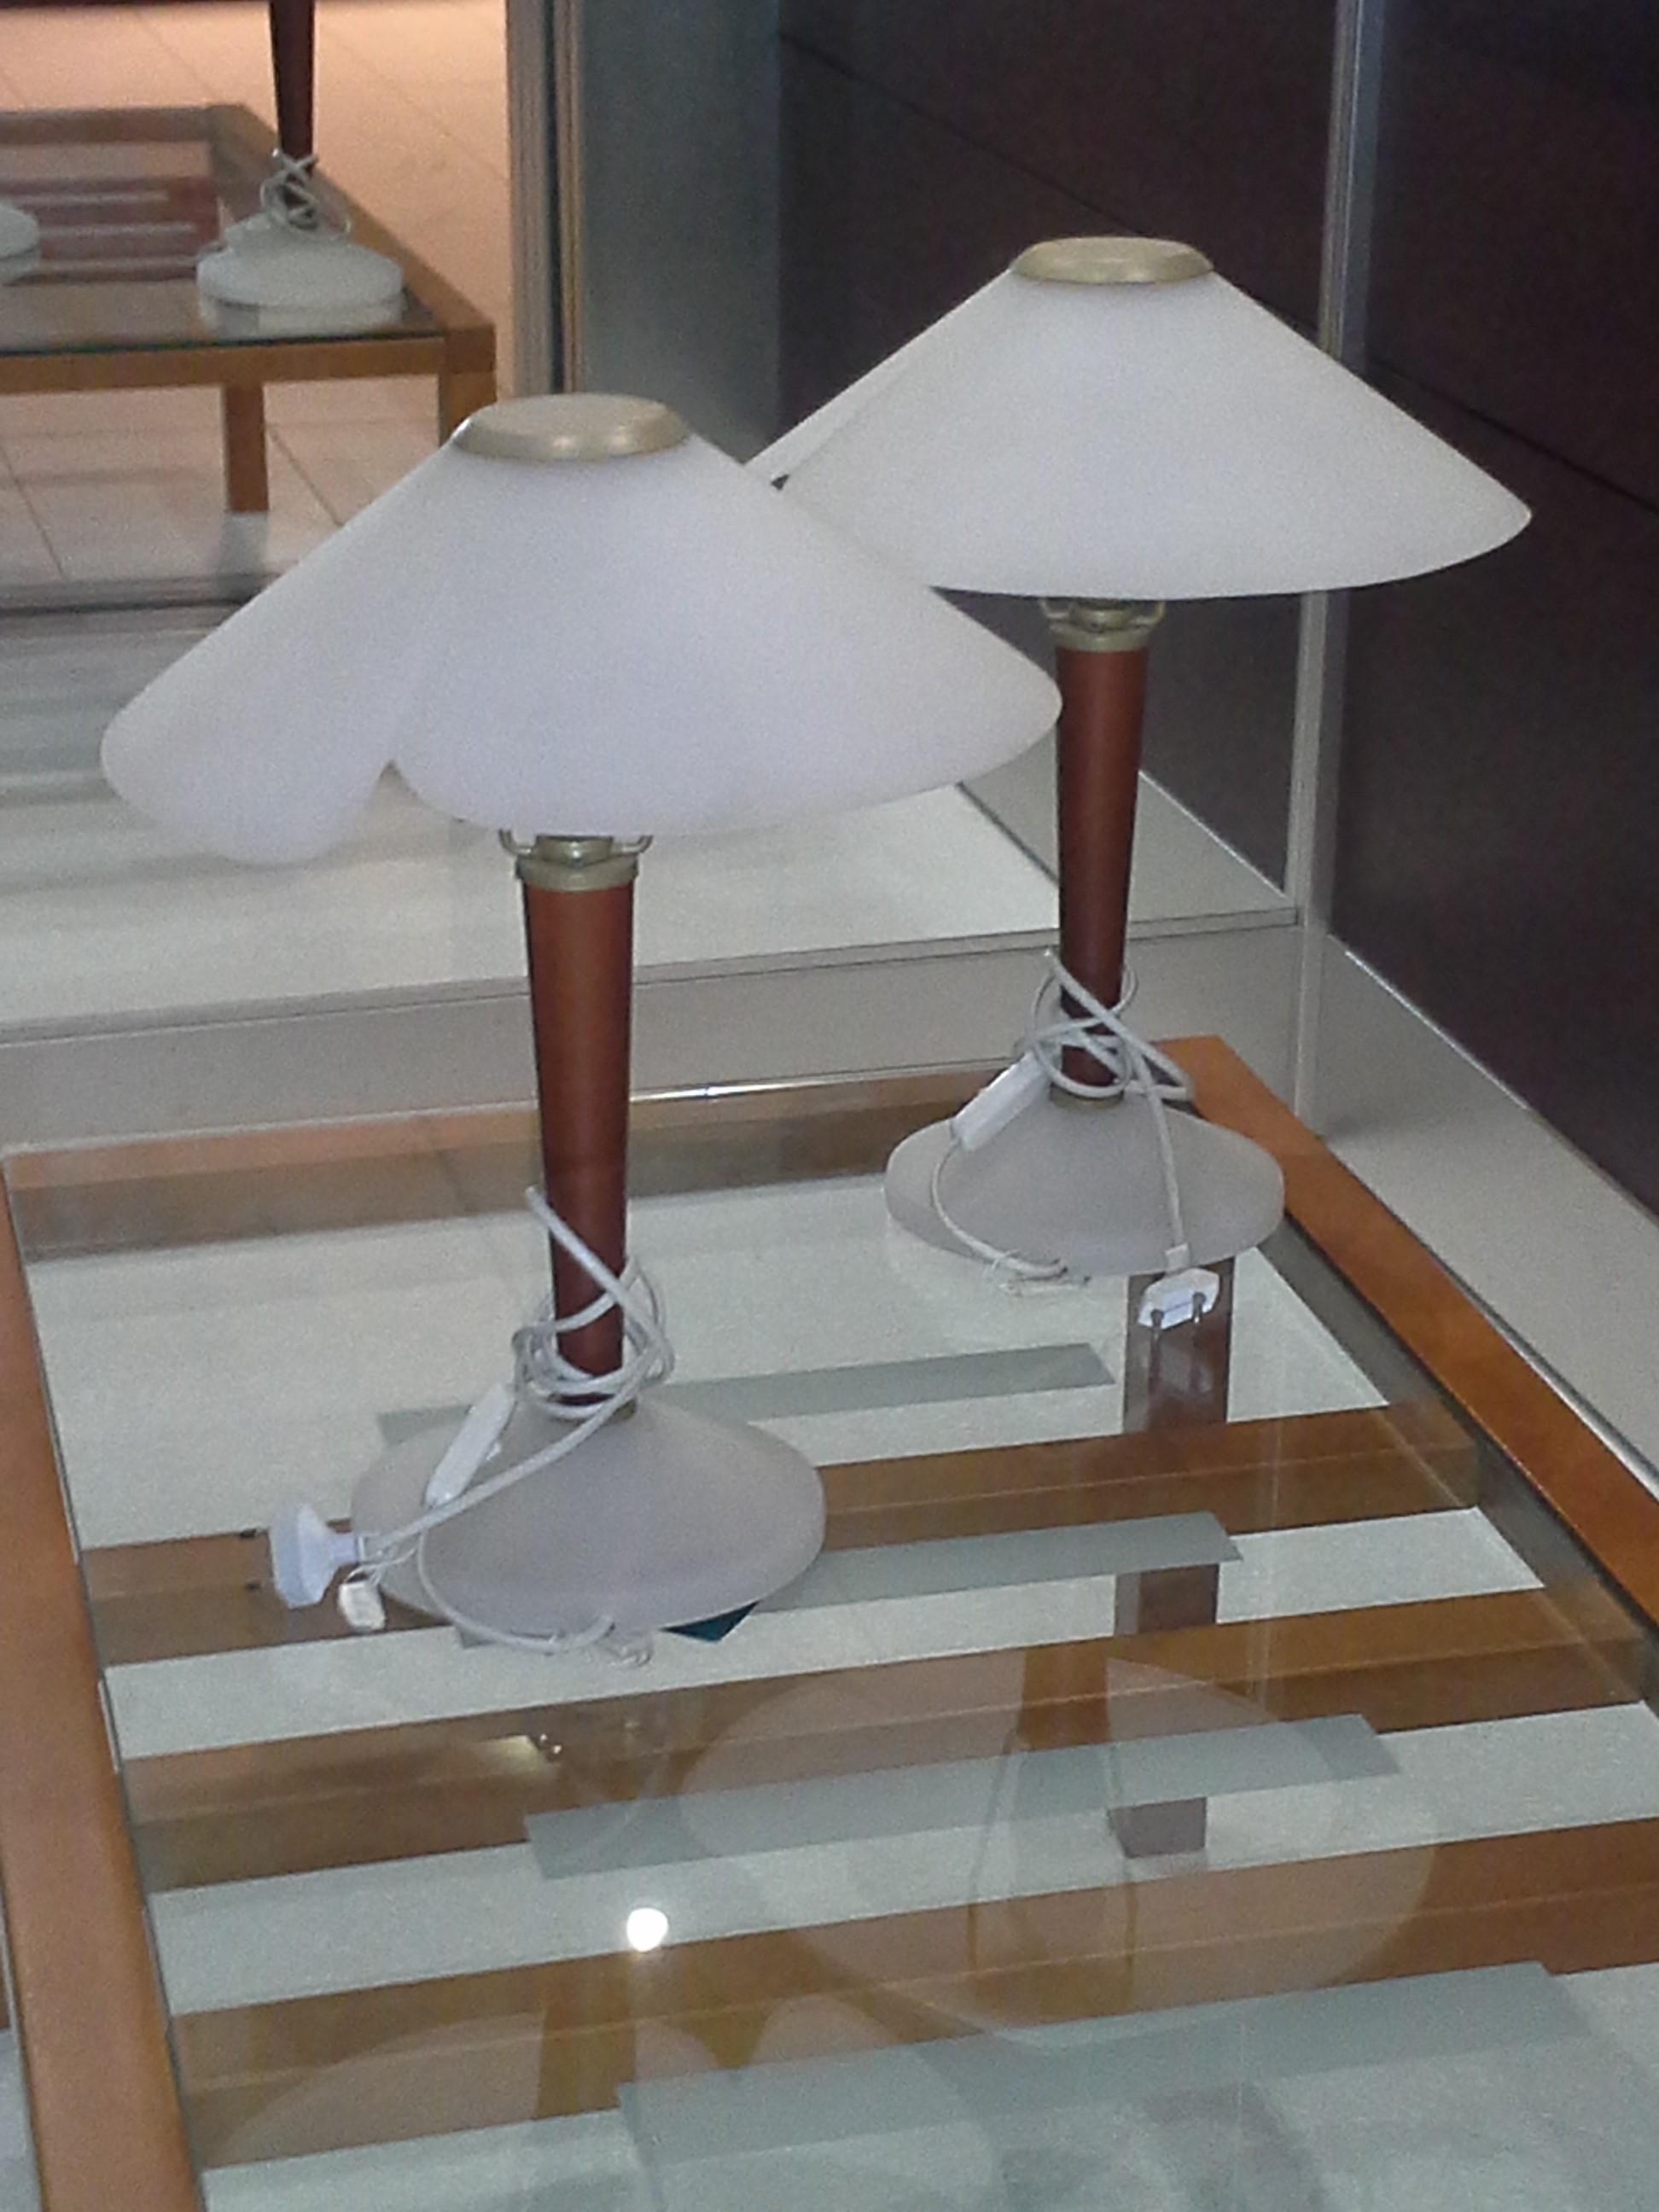 Lampade Da Tavolo Ikea Modello Tertial : Offerta lampada da tavolo illuminazione a prezzi